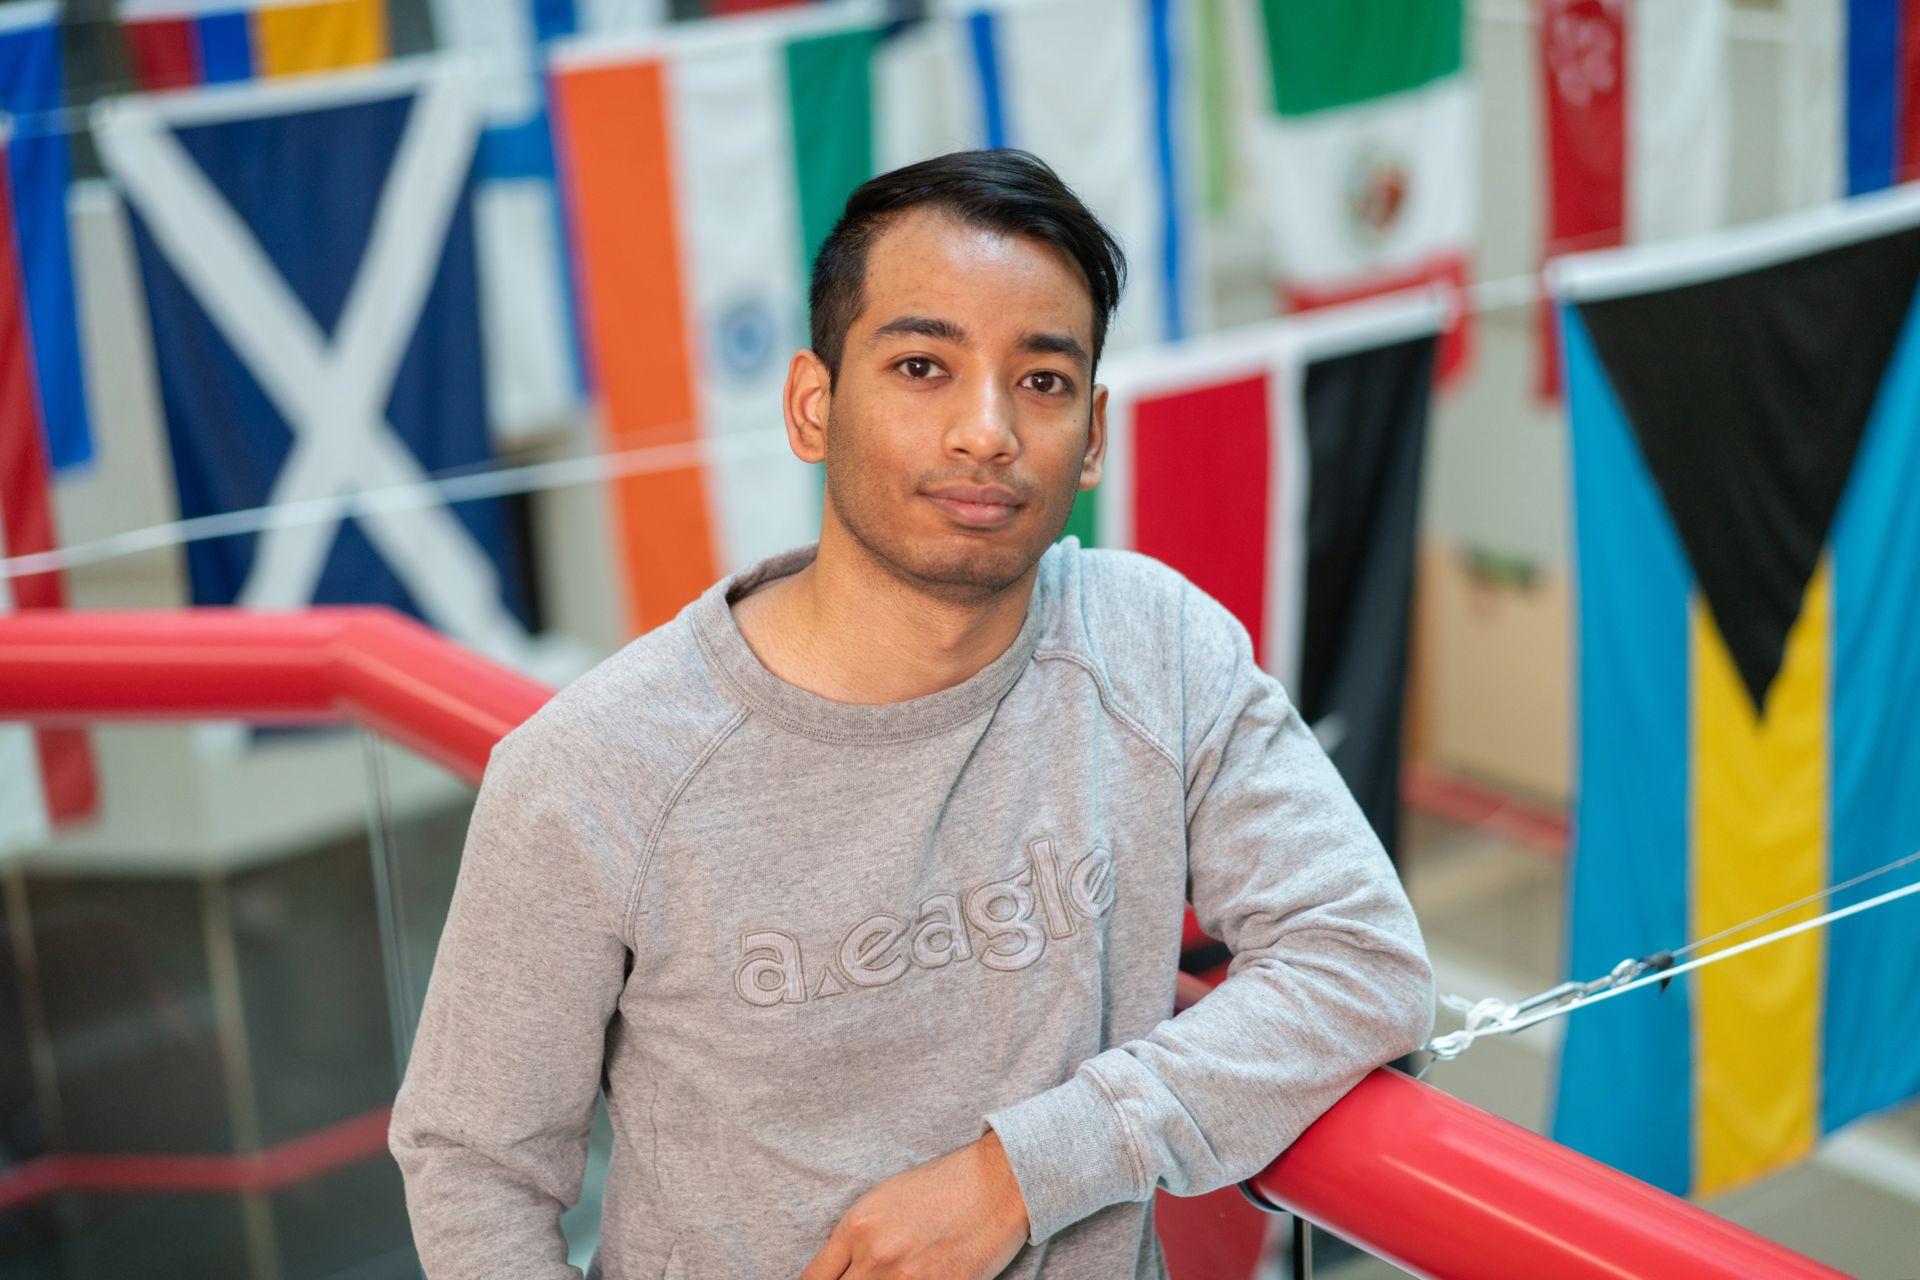 Dewan Shrestha